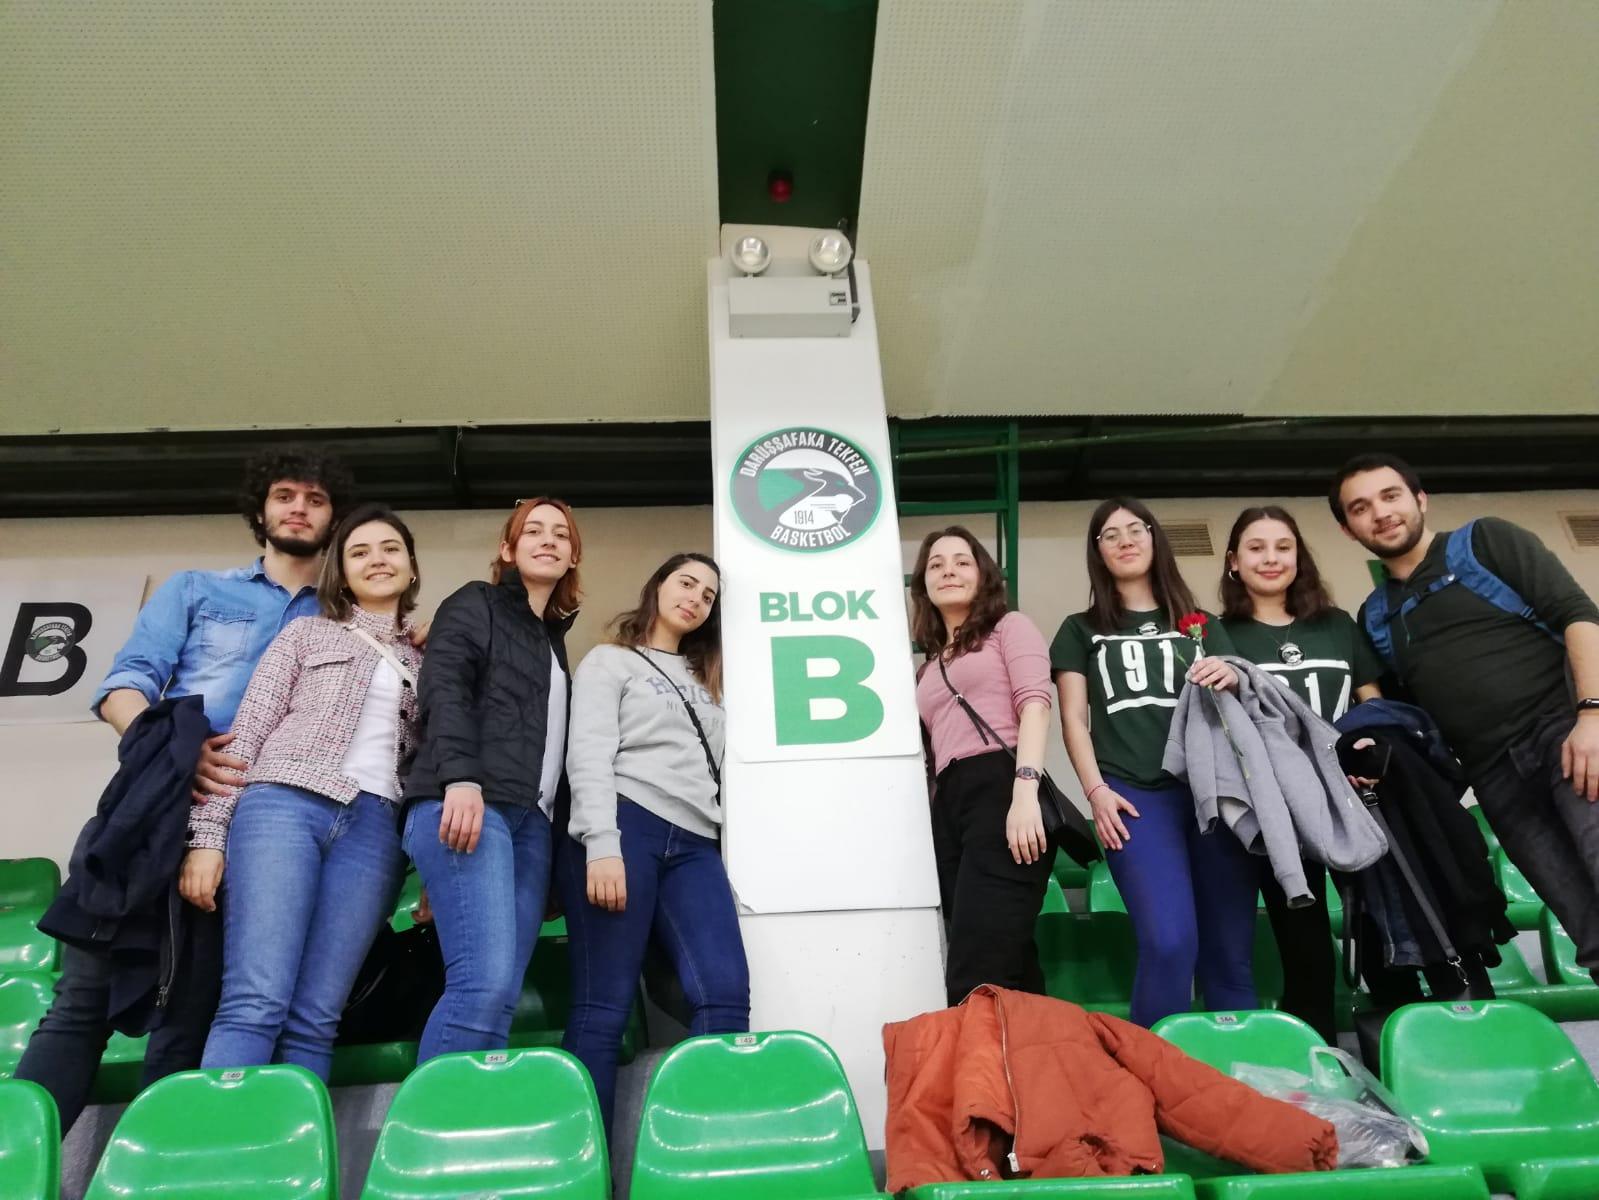 08.03.2020 / Darüşşafaka Tekfen – Galatasaray Basketbol Maçı Kulüp İçi Organizasyonu